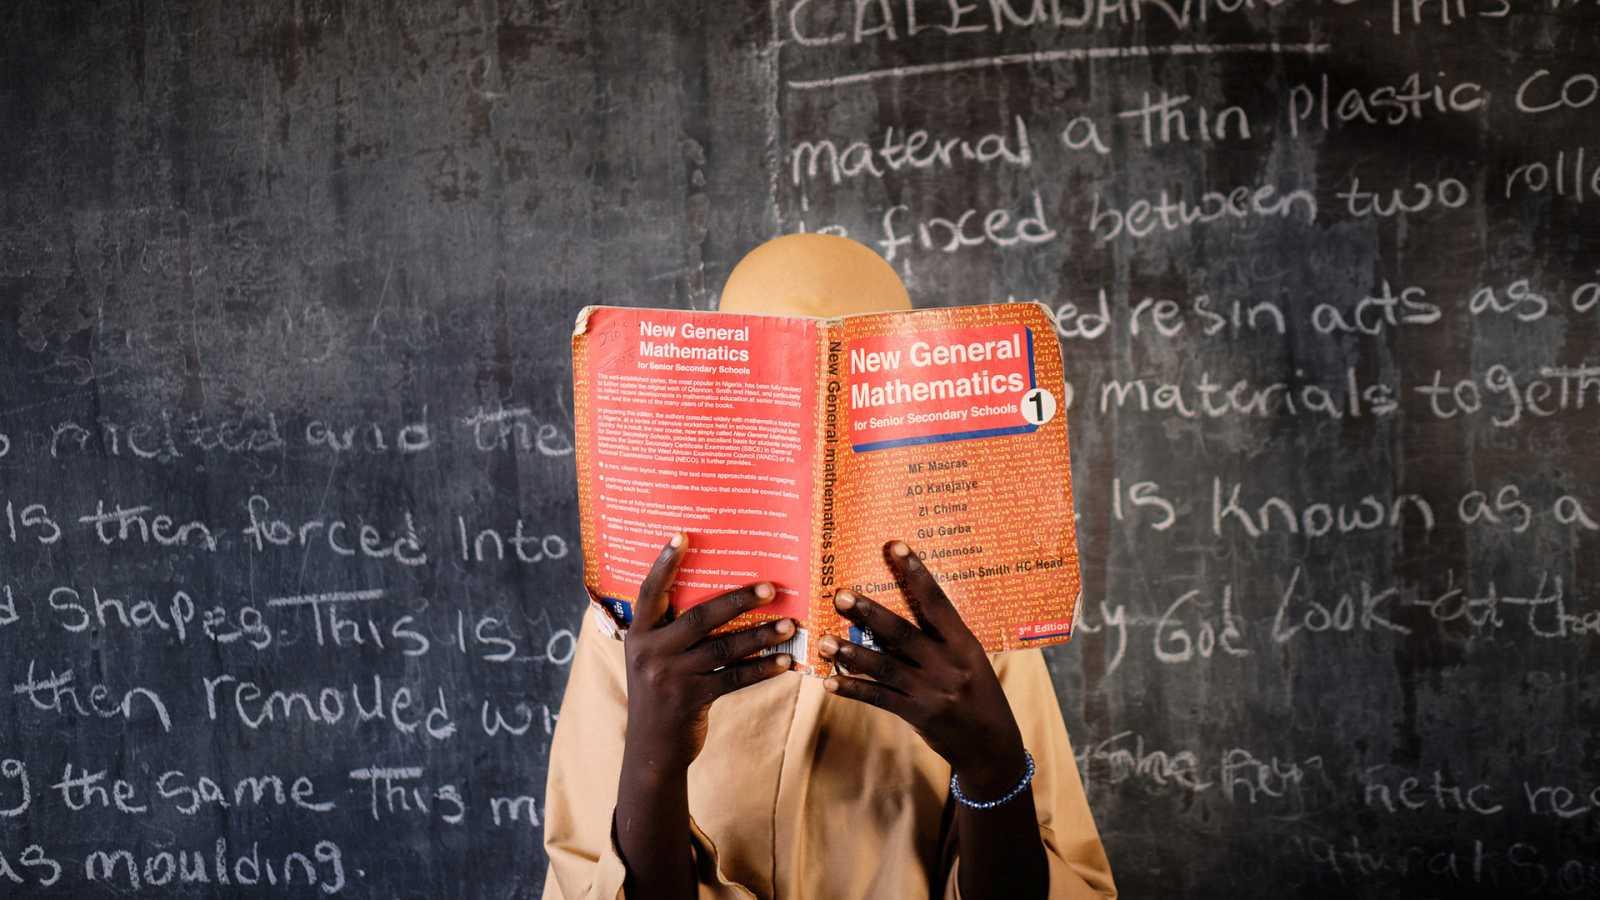 África hoy - Emeke Obanor finalista del XXIV Premio Internacional de Fotografía Humanitaria Luis Valtueña - 31/03/21 - escuchar ahora